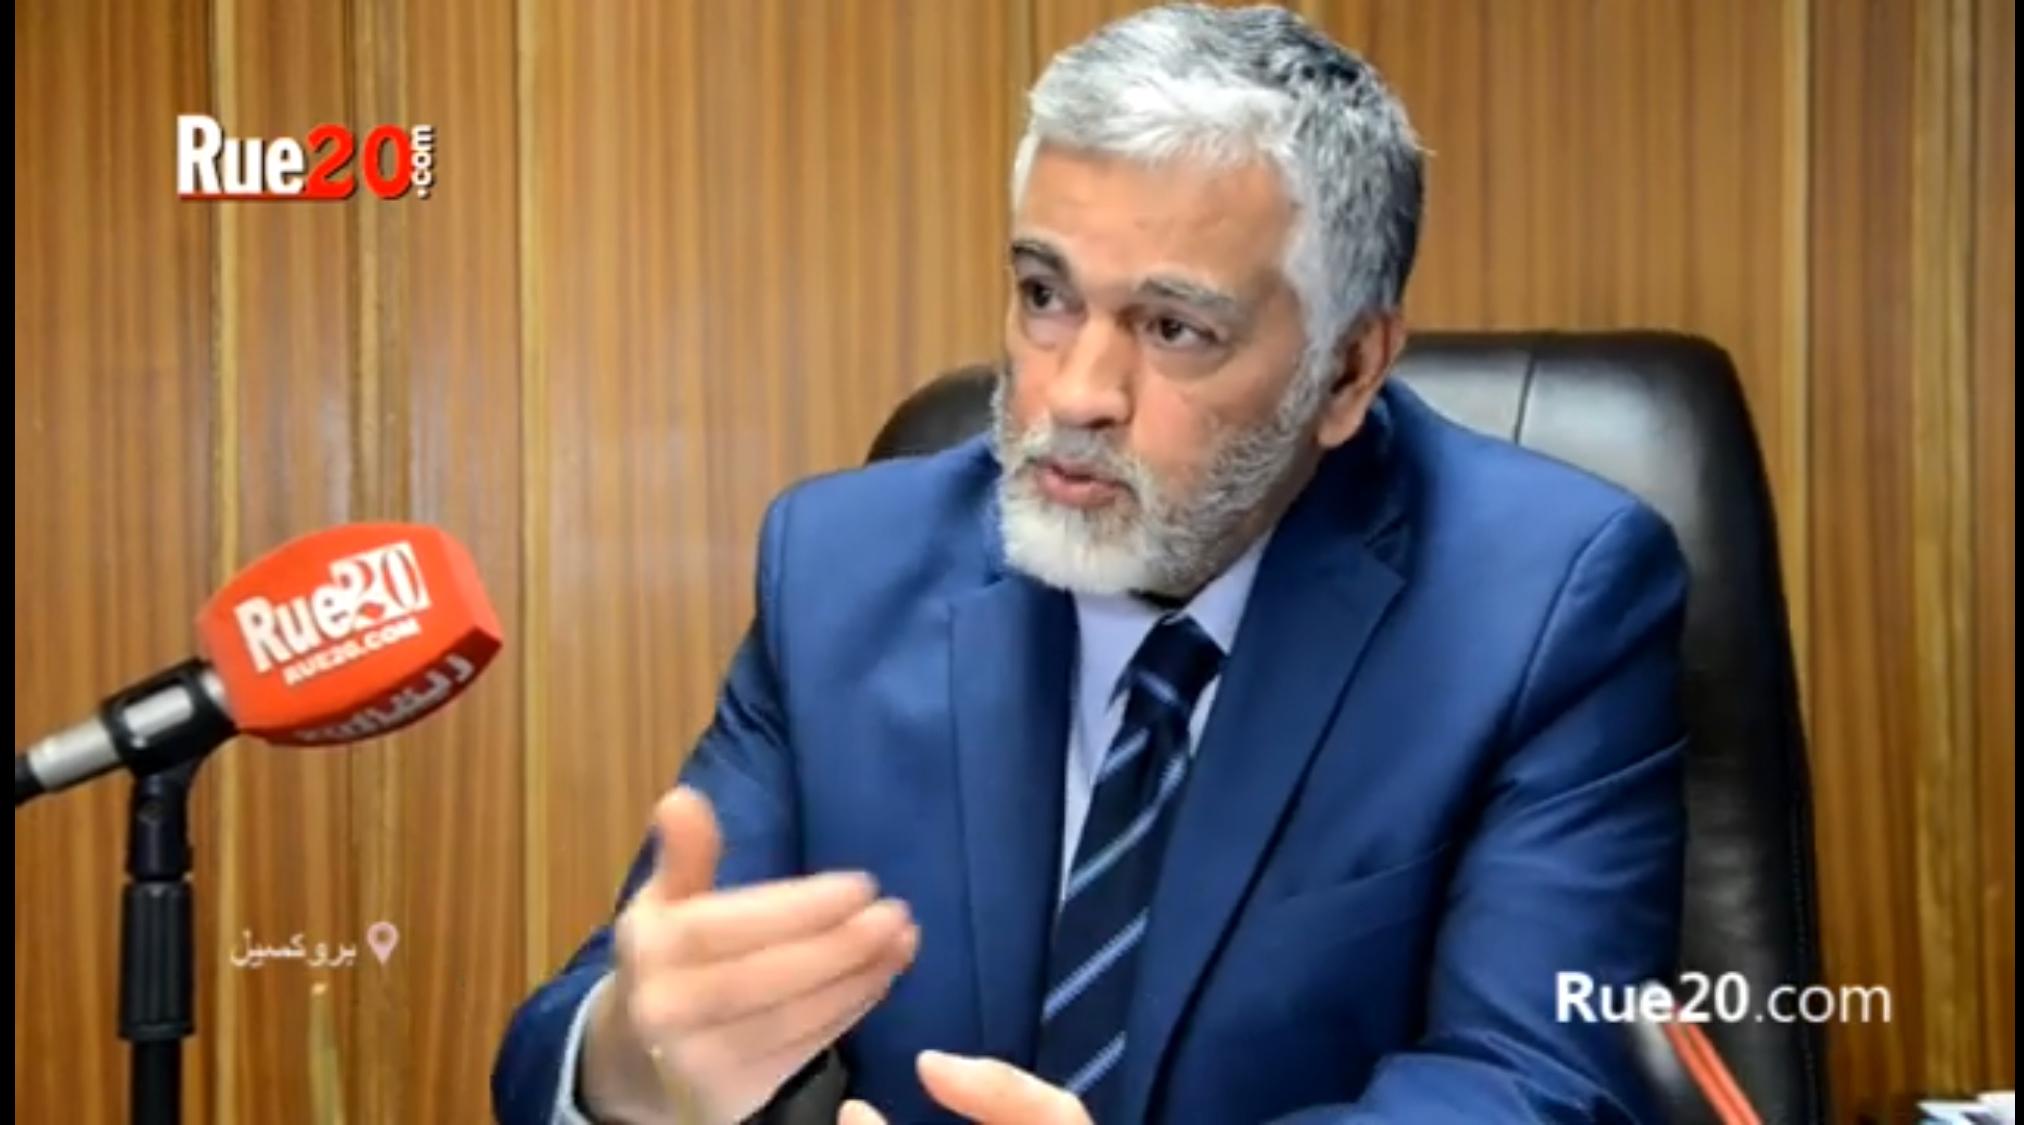 فيديو/المجلس الأوربي للعُلماء وقضايا التفكك الأُسَري للعائلات المغربية بأوربا